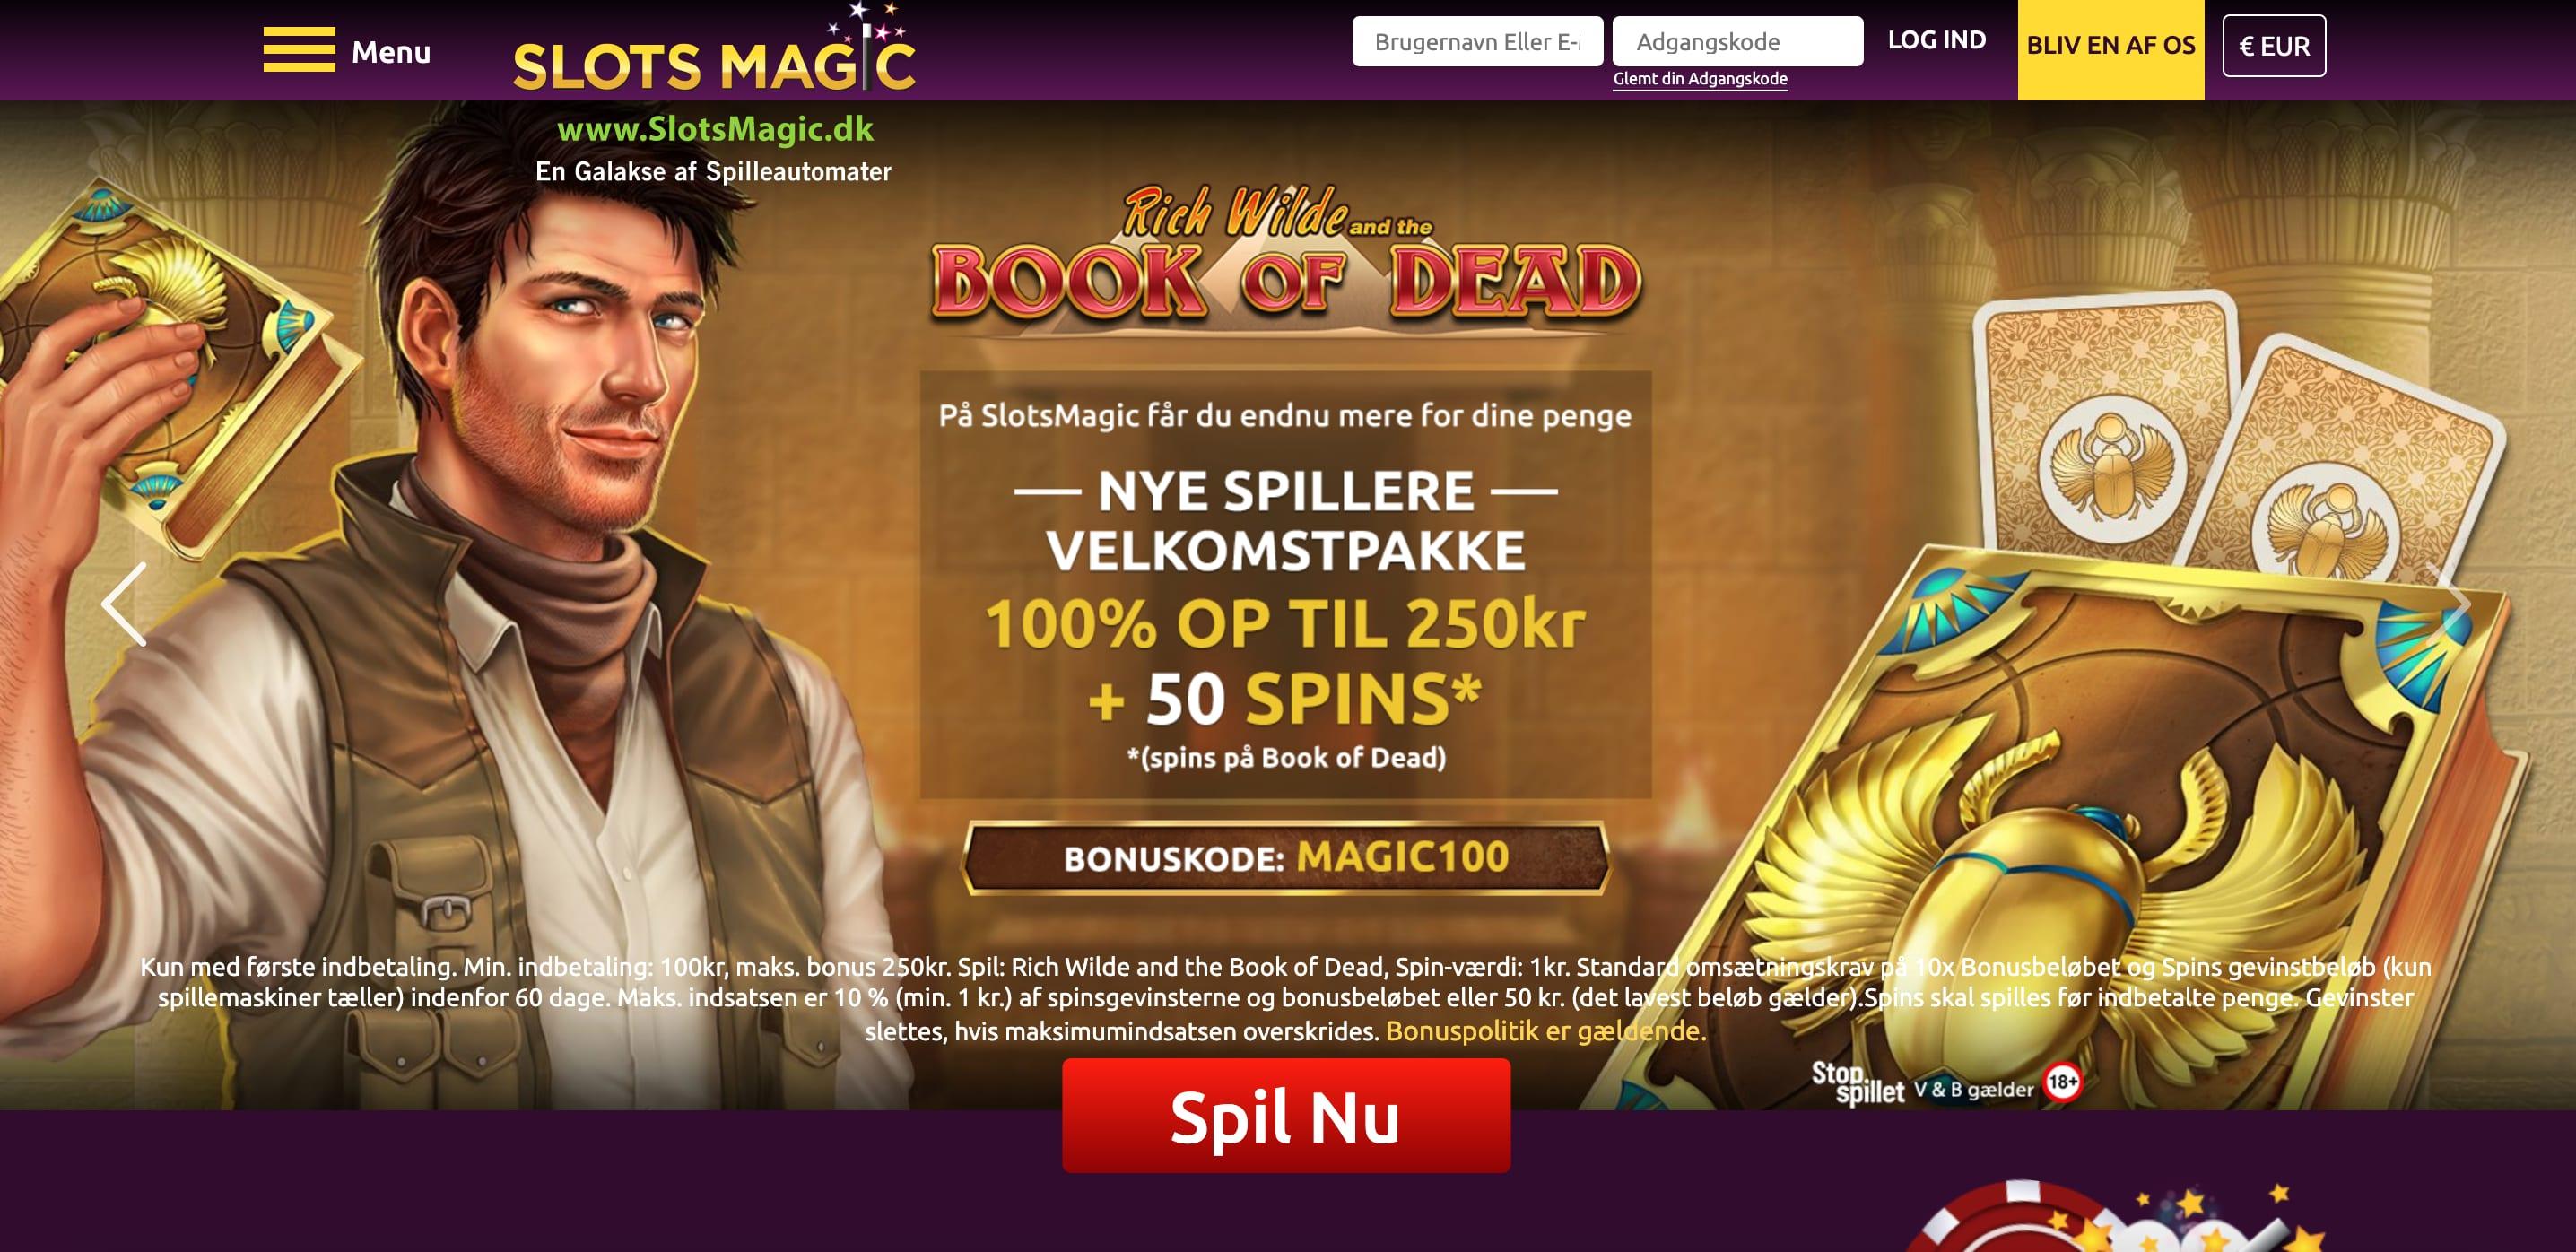 Spil online casino SlotsMagic.dk